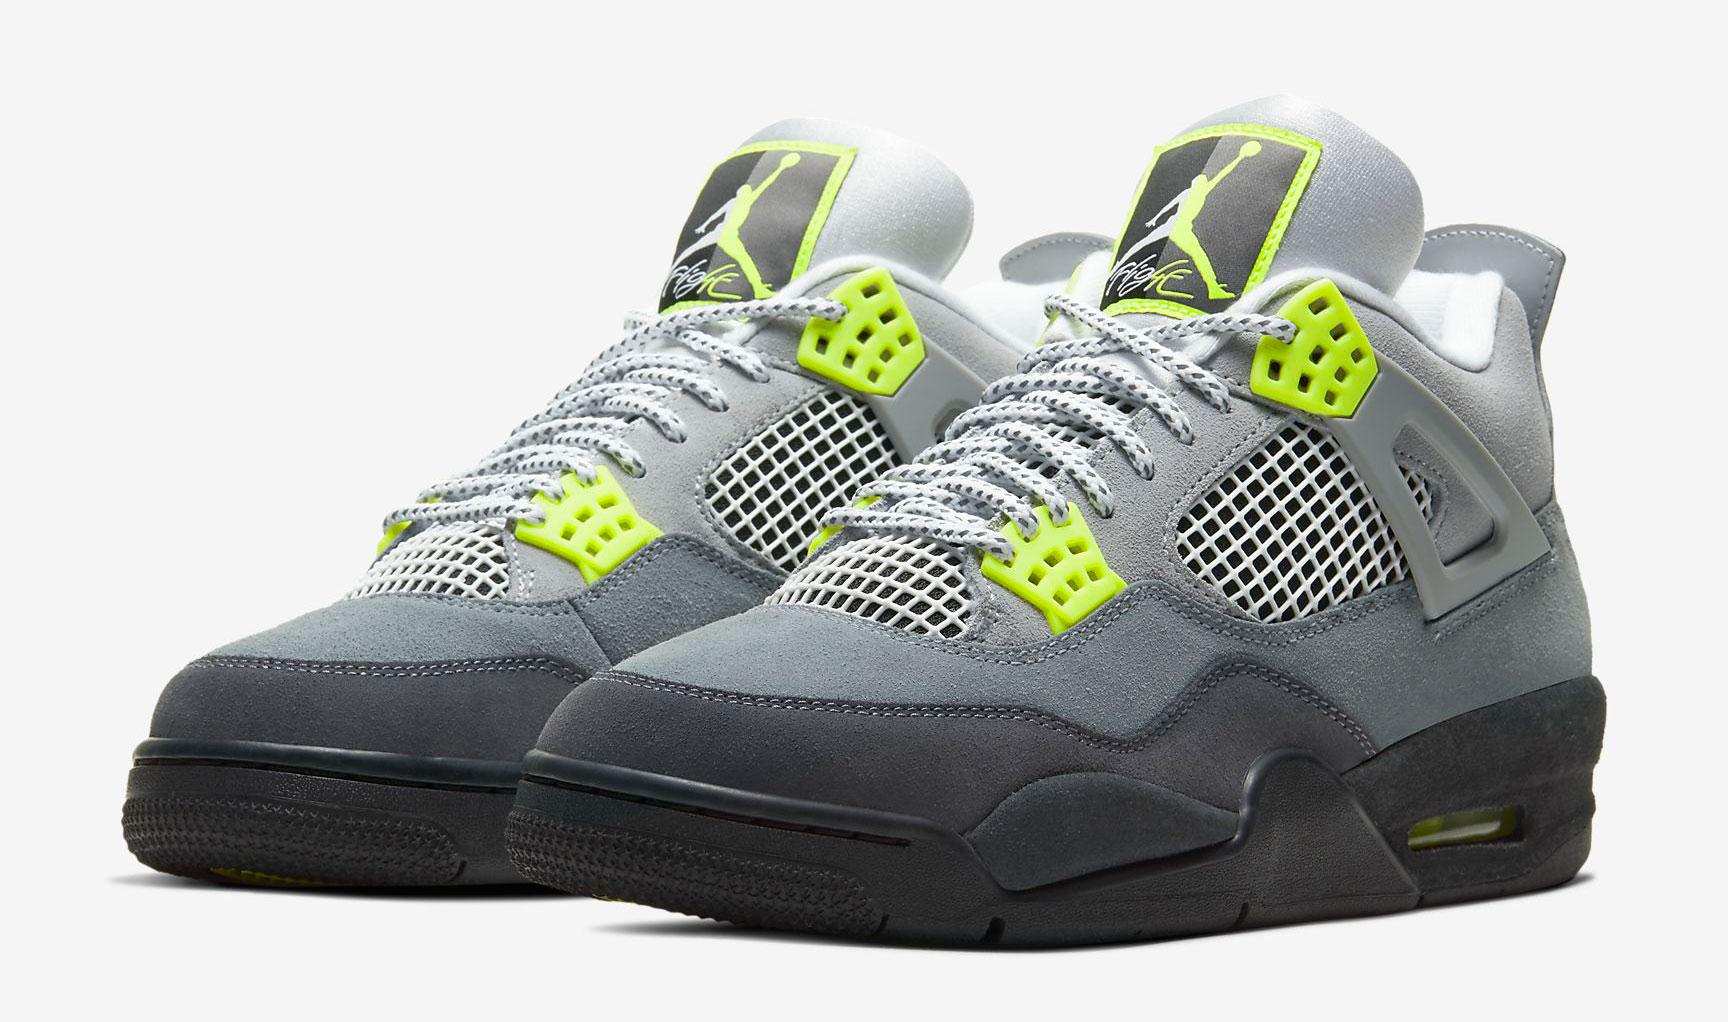 air-jordan-4-neon-release-date-price-1